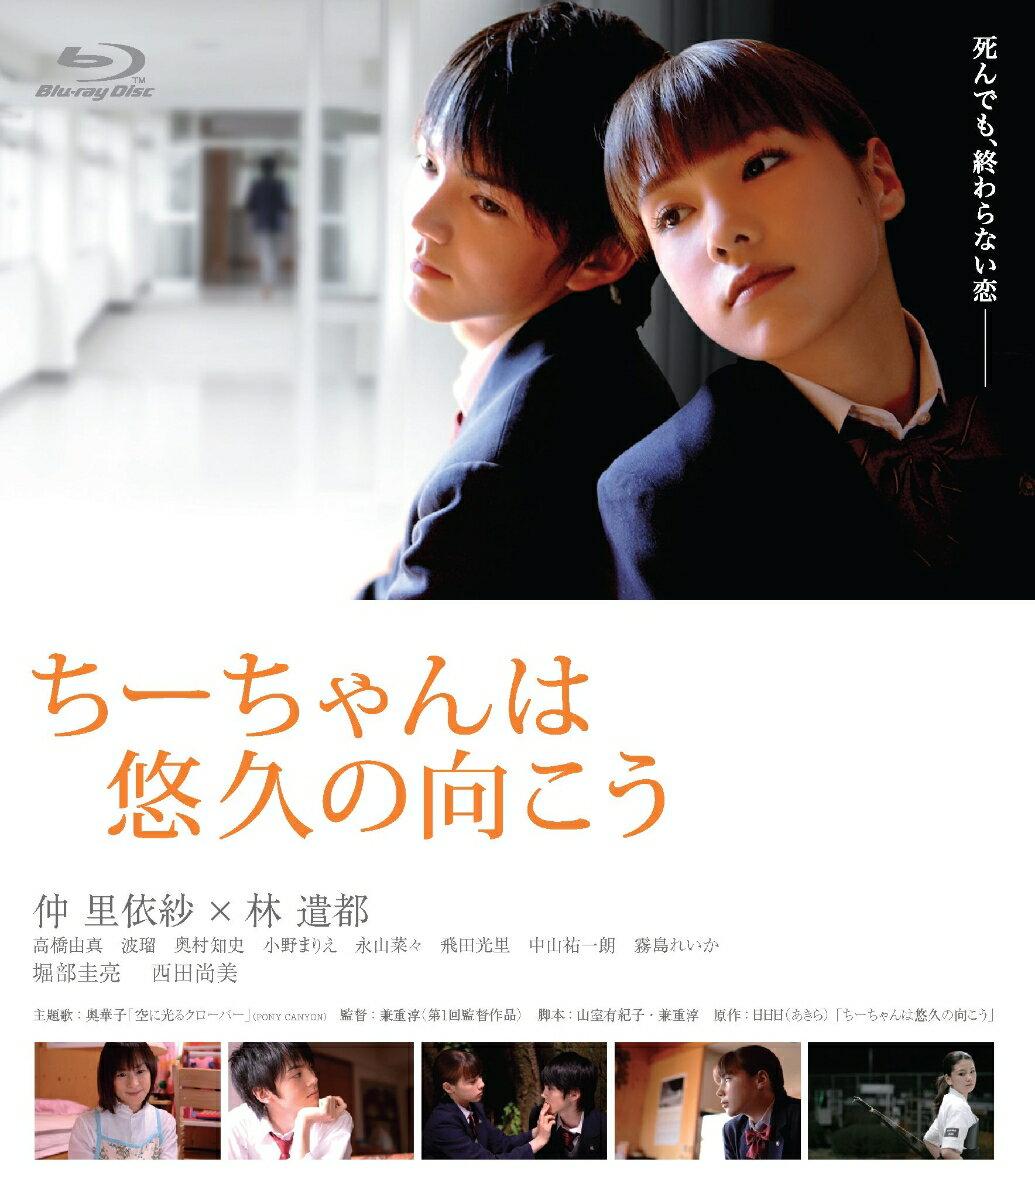 ちーちゃんは悠久の向こう【Blu-ray】